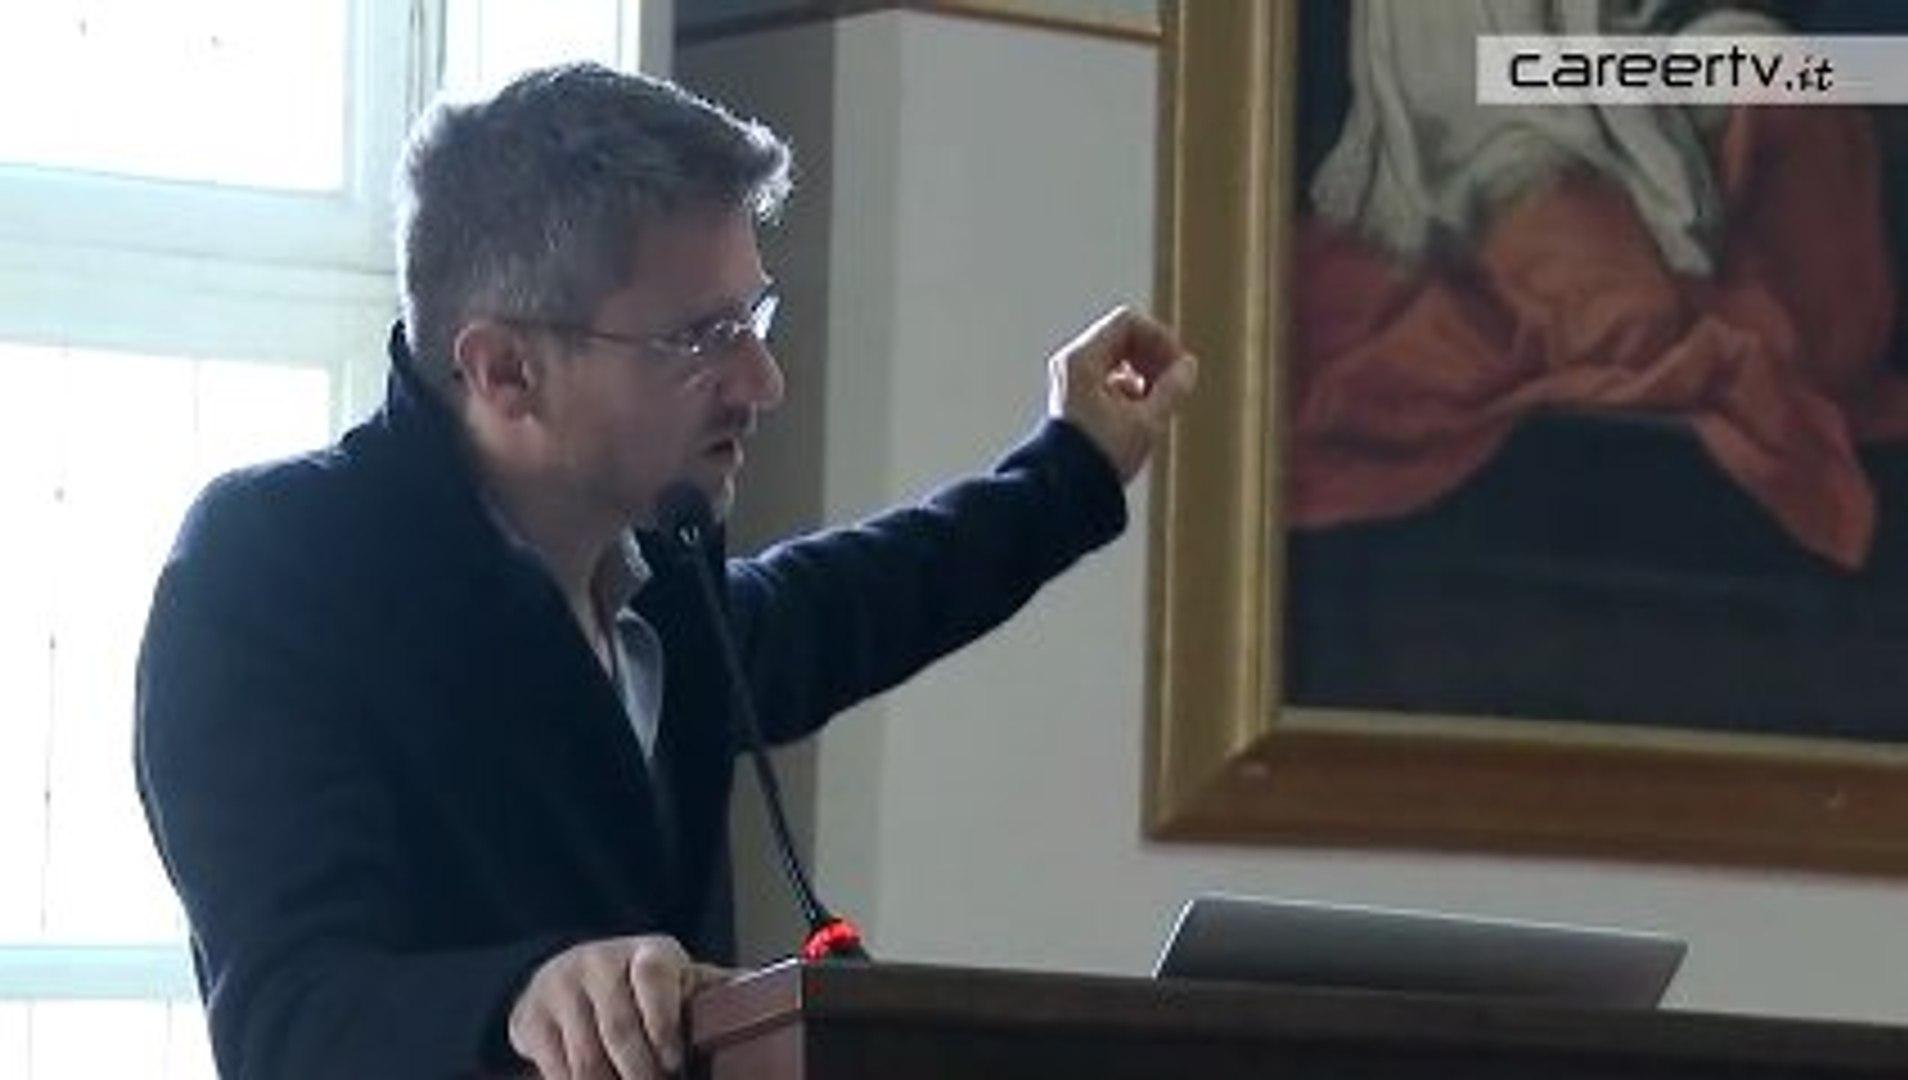 CareerTV.it: Carlo Ratti - il designer di Torino al MIT di Boston